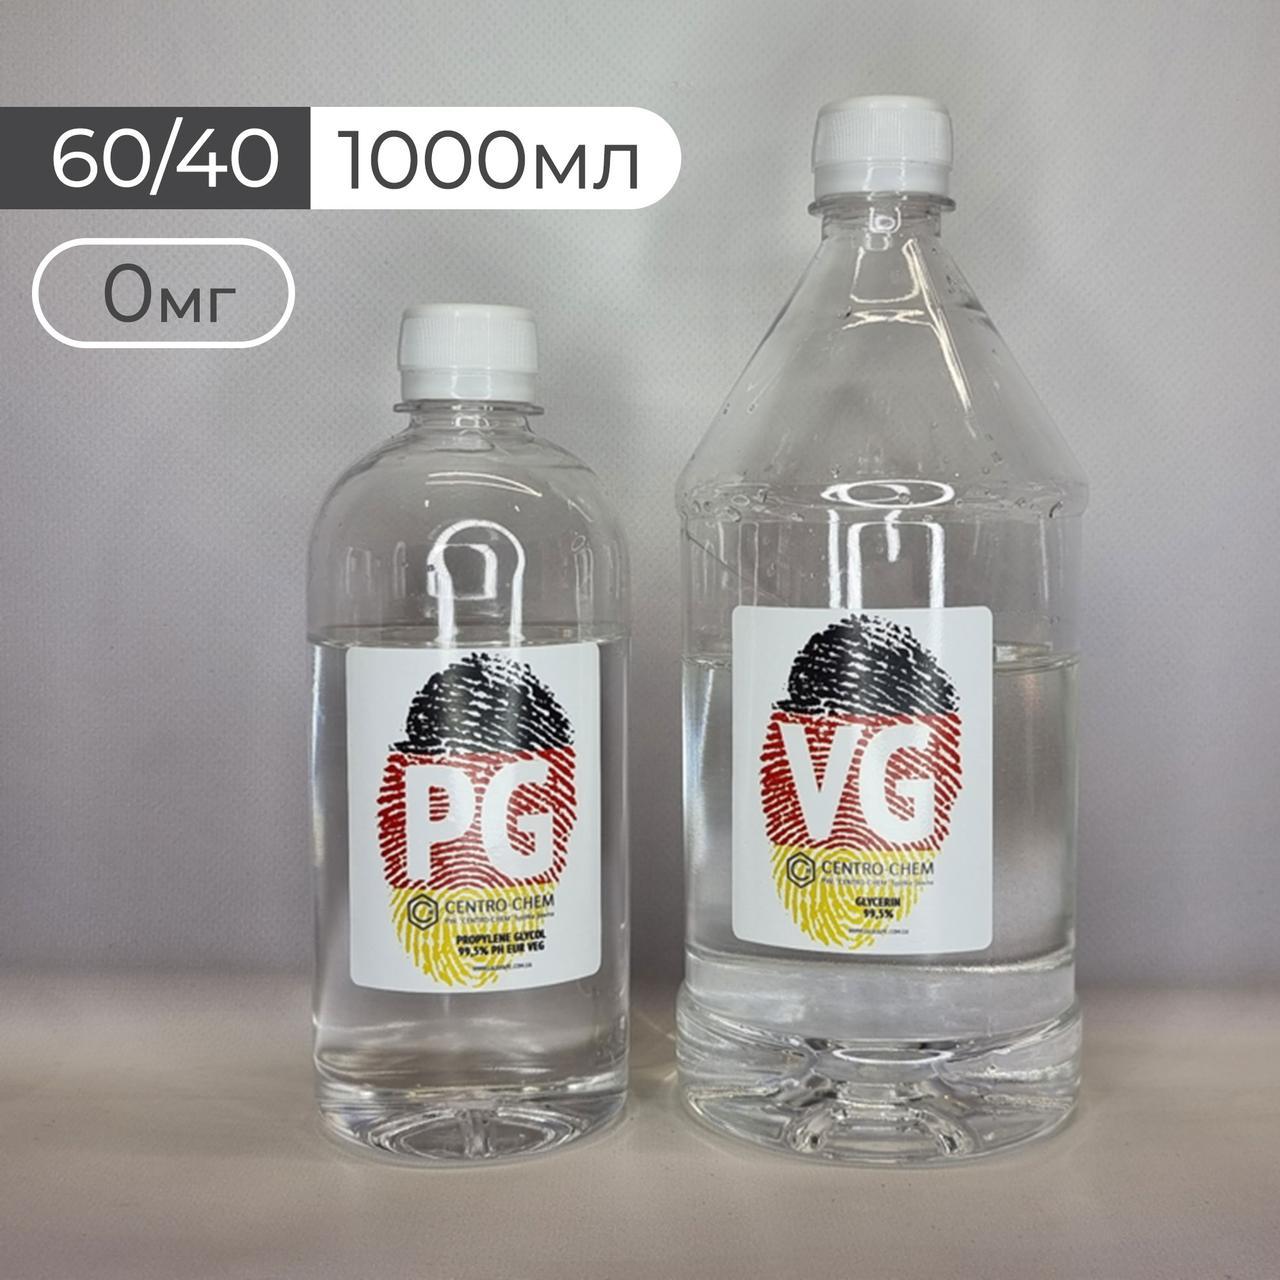 Набір для створення органічної основи 60/40, 1000мл